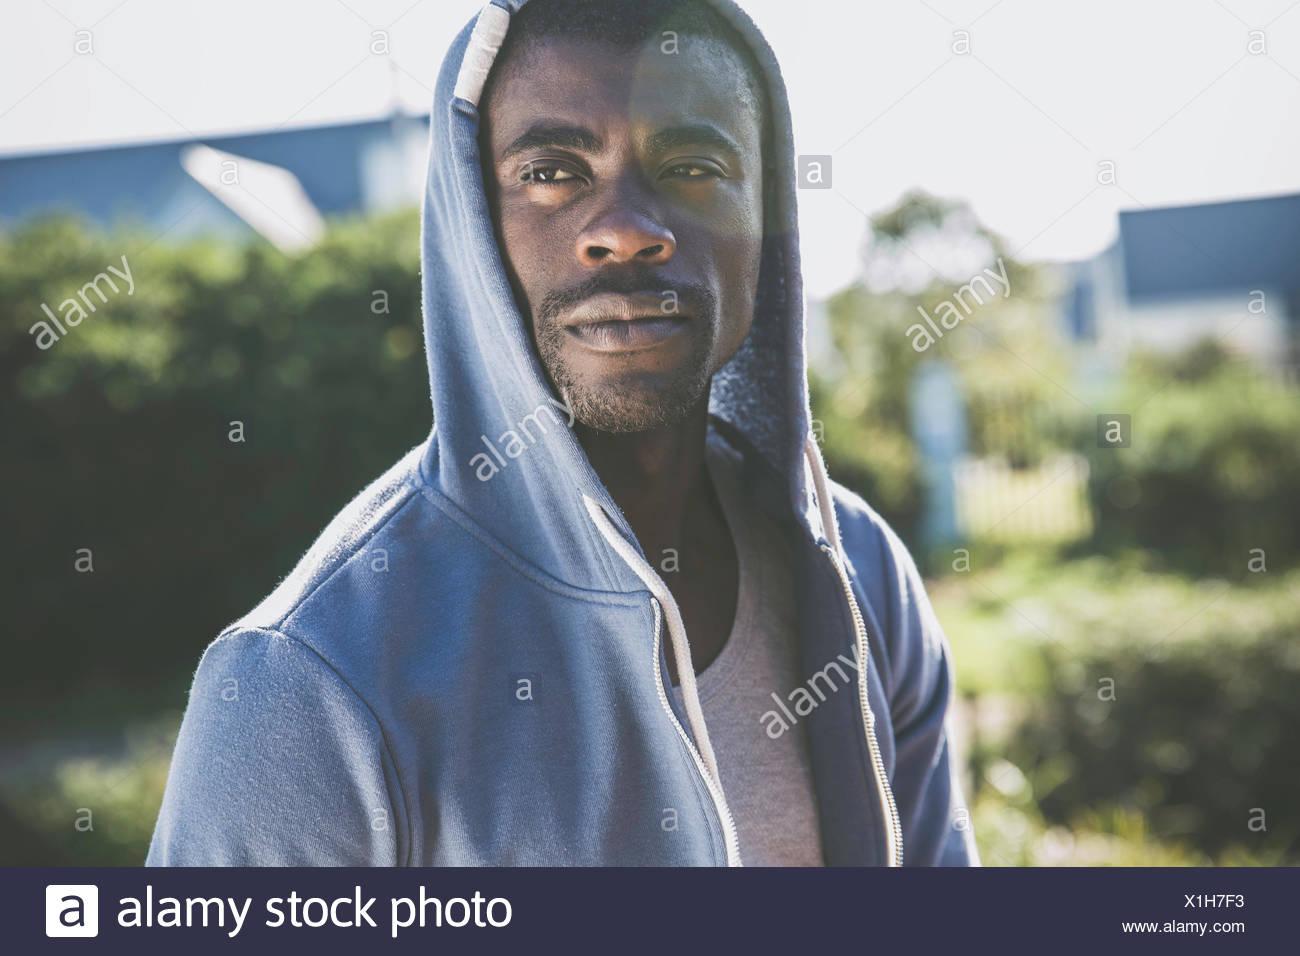 Retrato del hombre vestido con sudadera con capucha mirando lejos Imagen De Stock